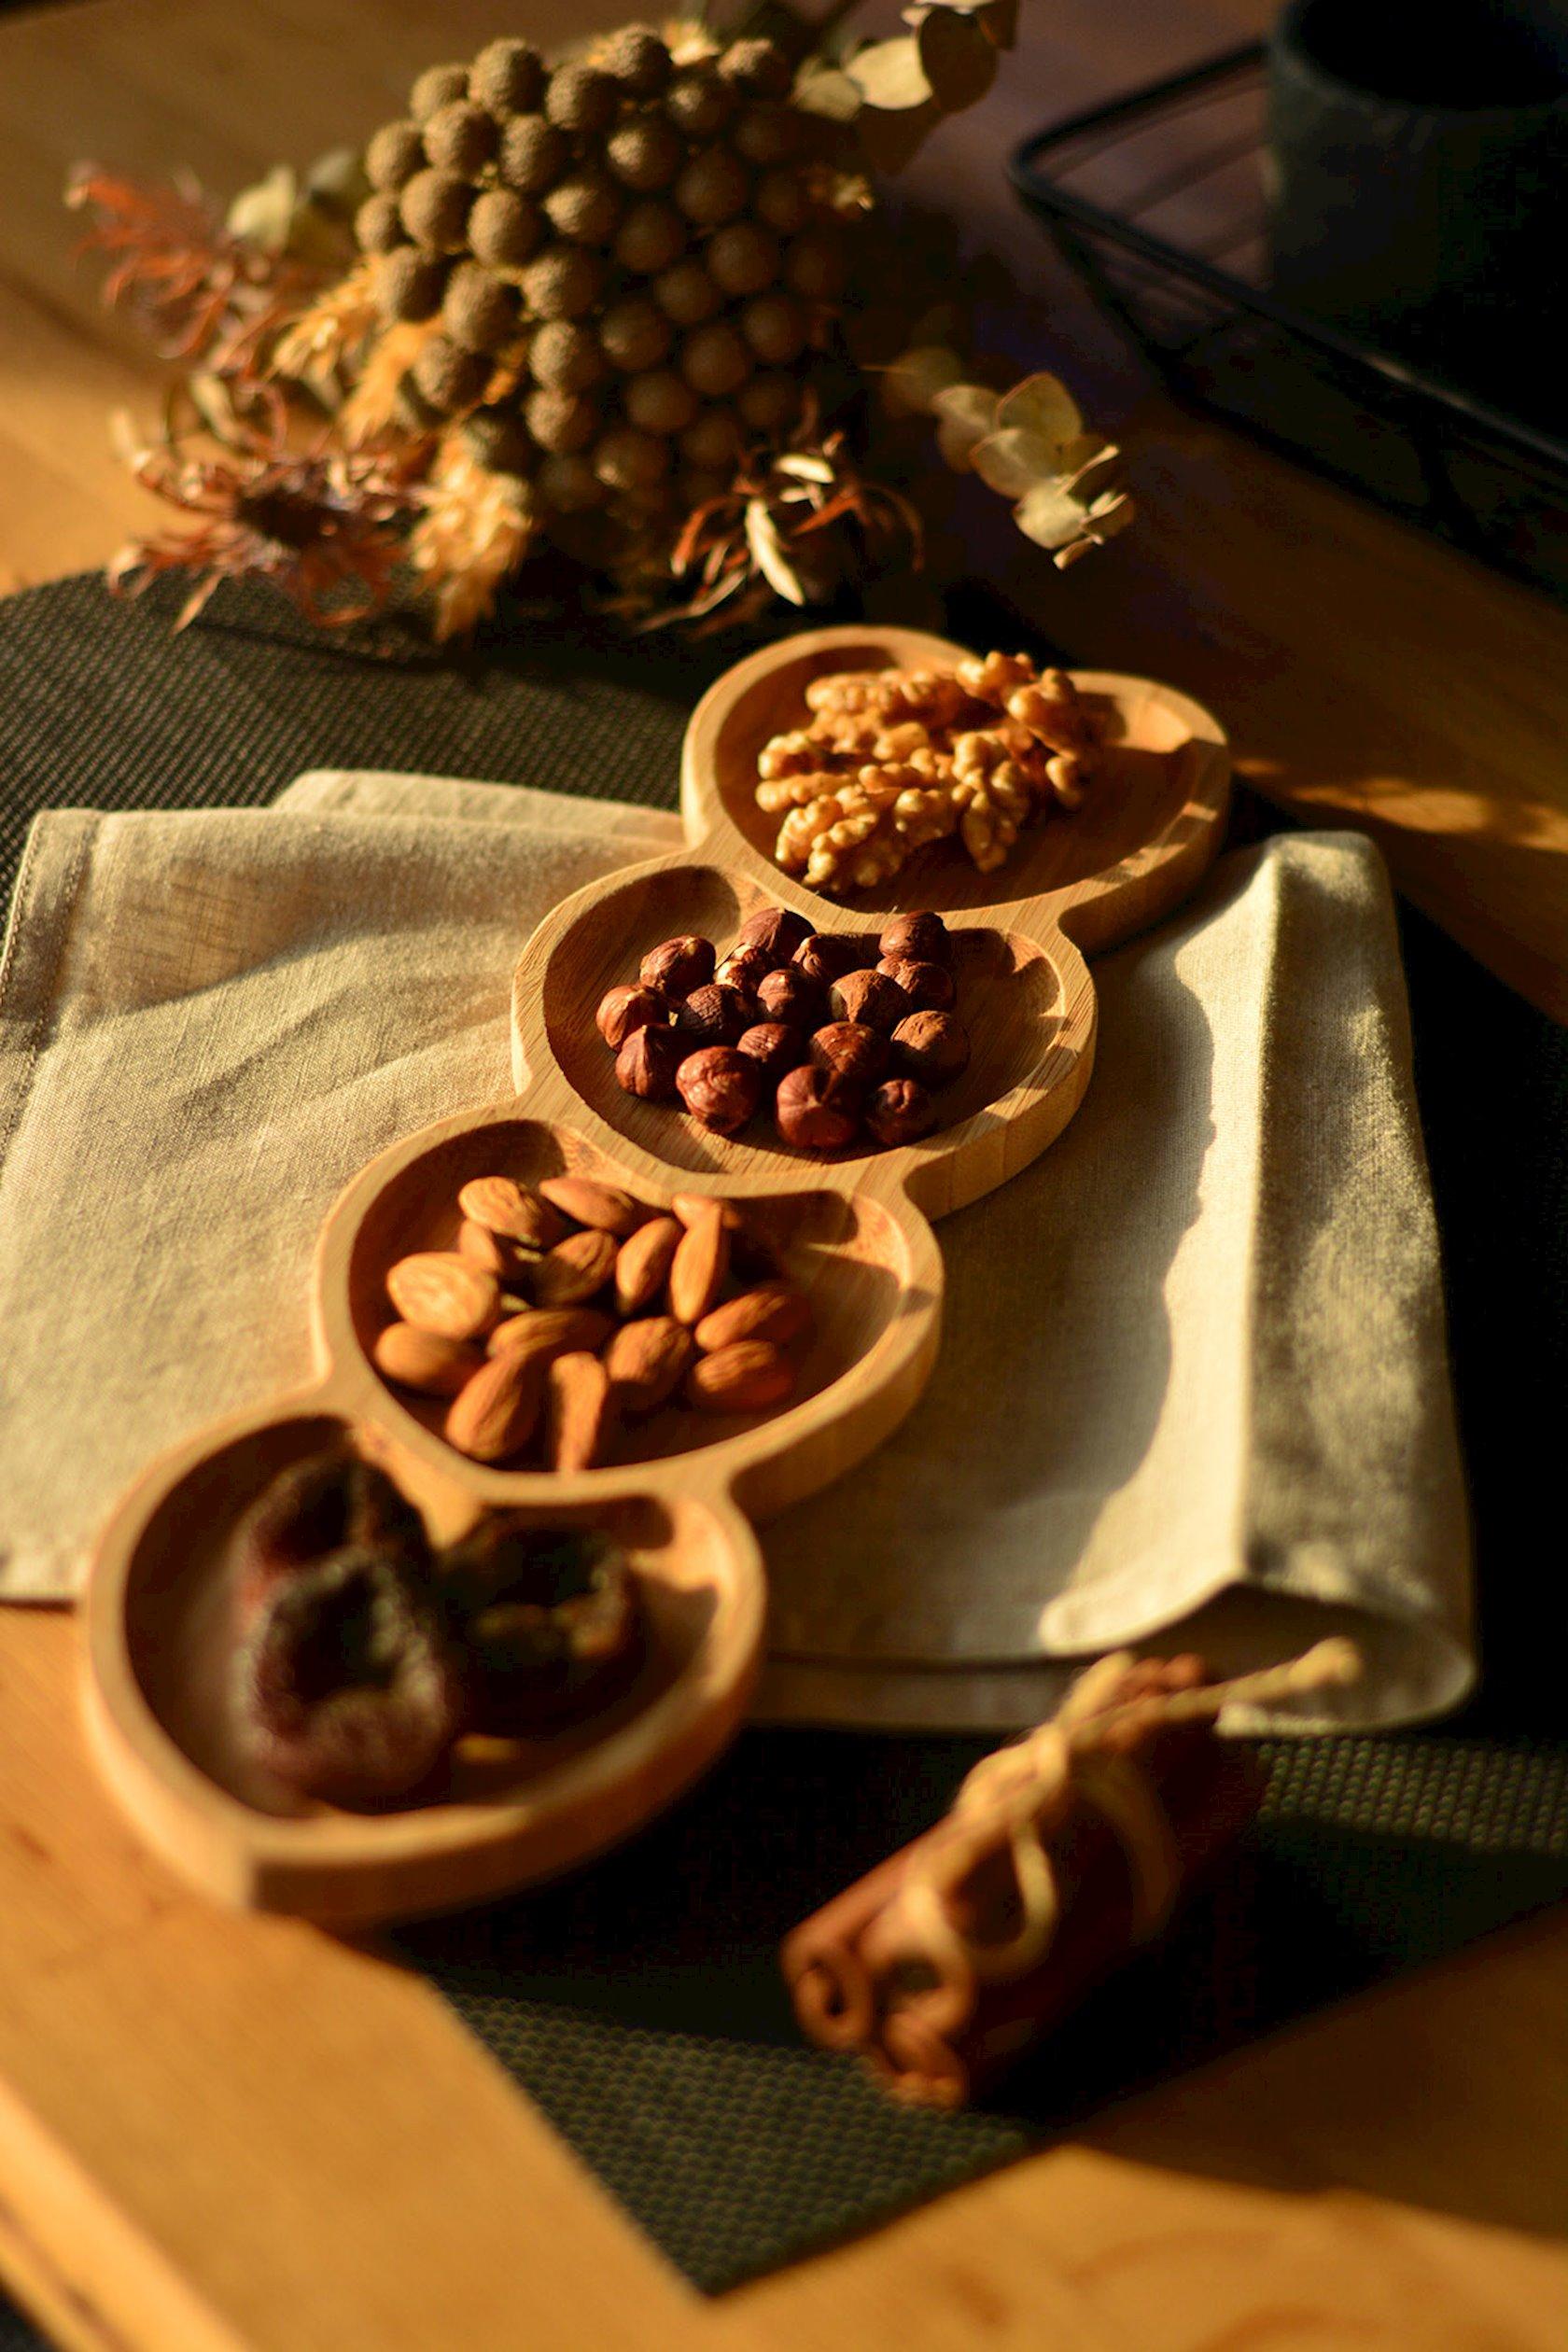 Çərəz qabı Baku Home Decor, 4 əd, ürək formasında, bambuk